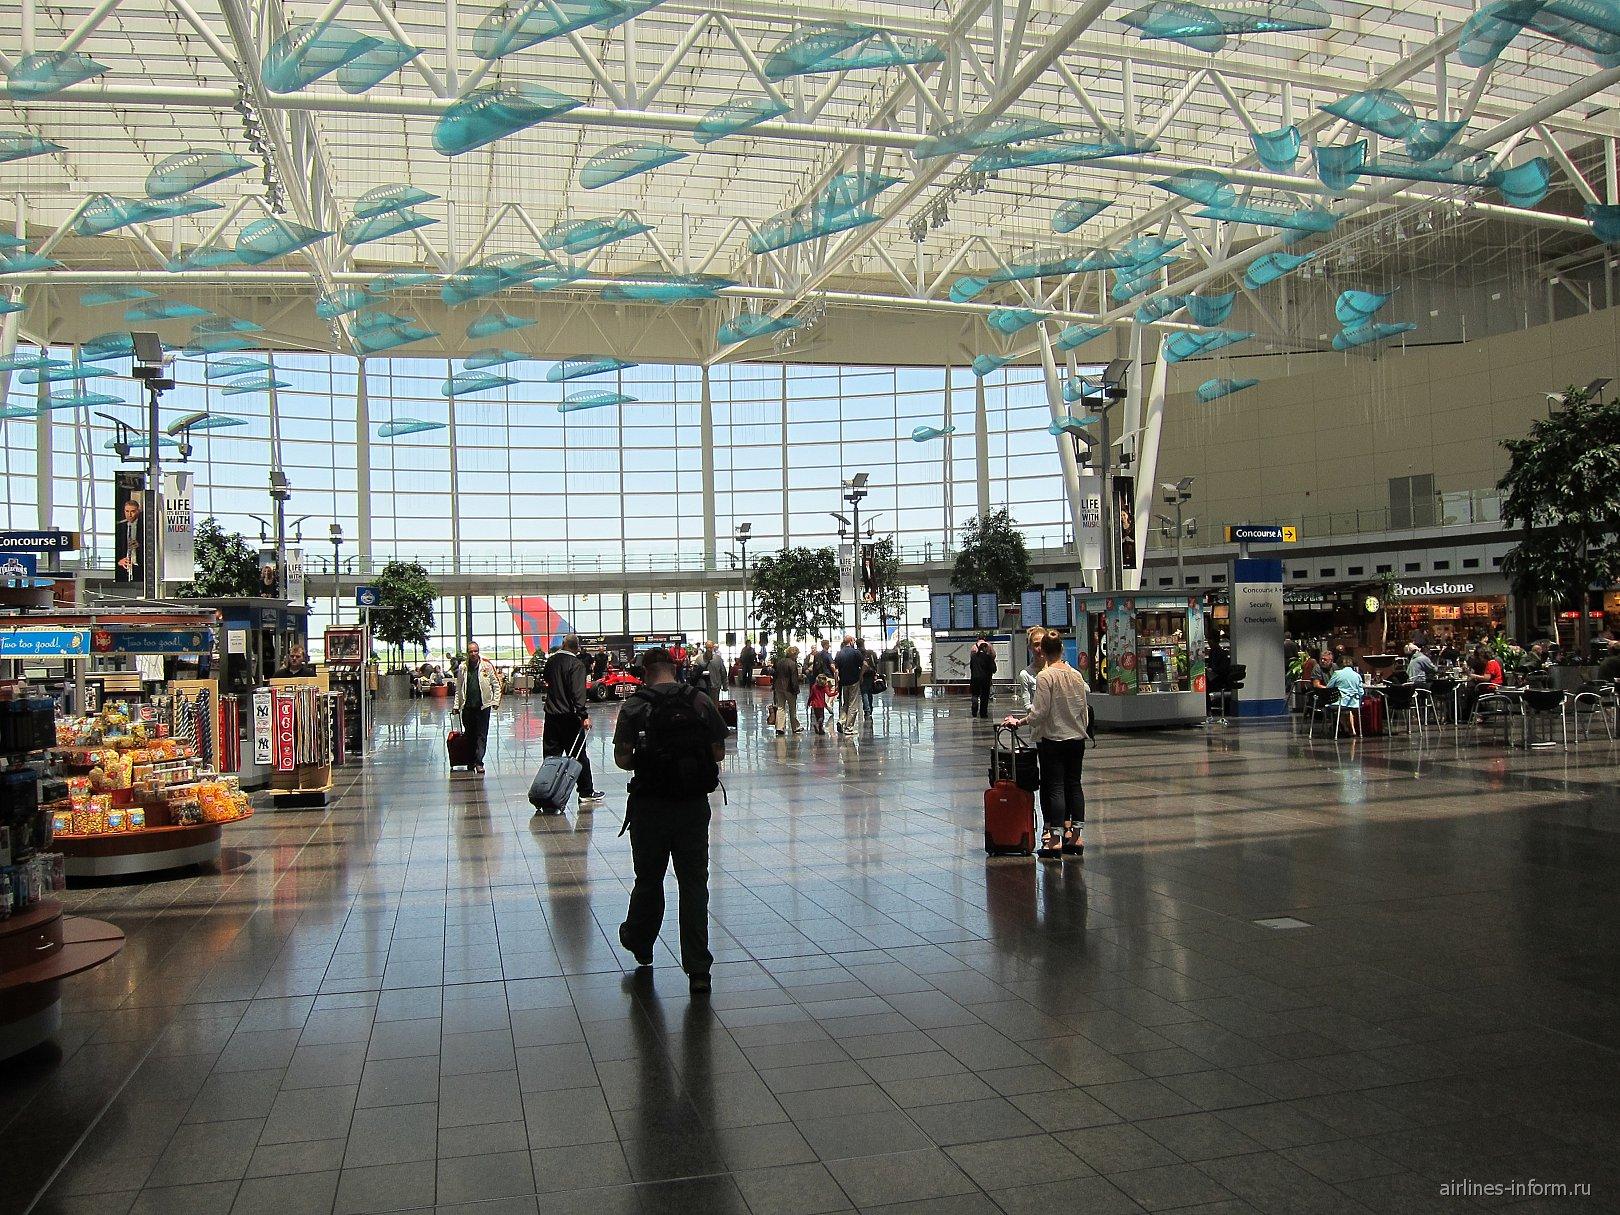 Центральный холл пассажирского терминала в аэропорту Индианаполиса